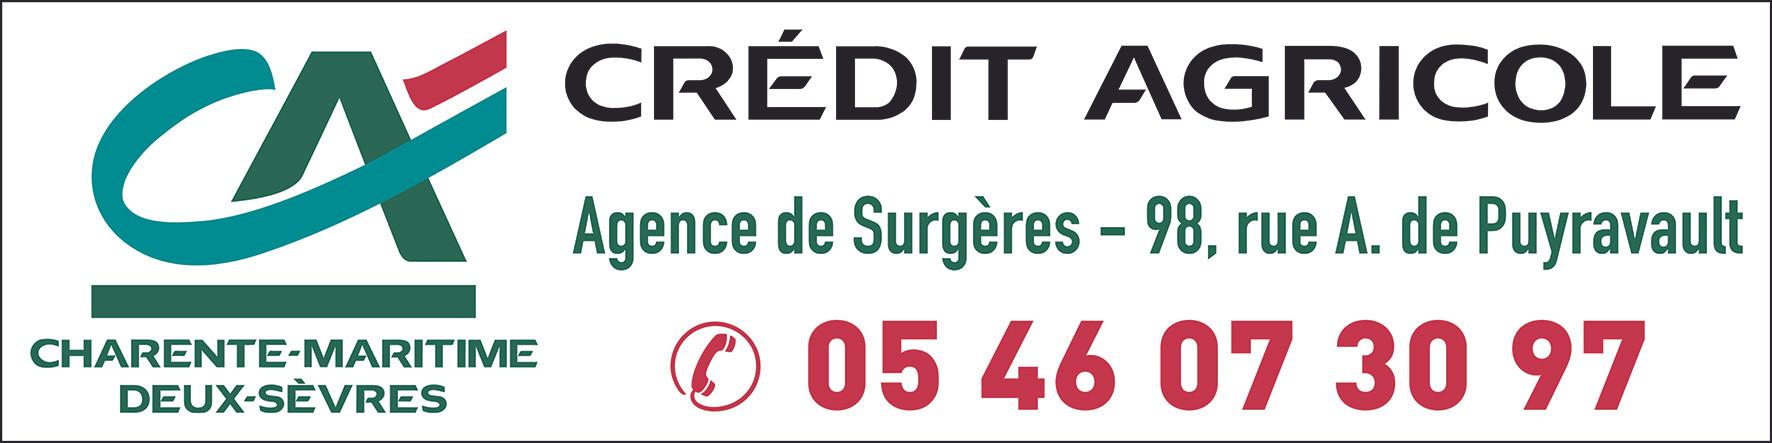 16-Crédit_Agricole.jpg